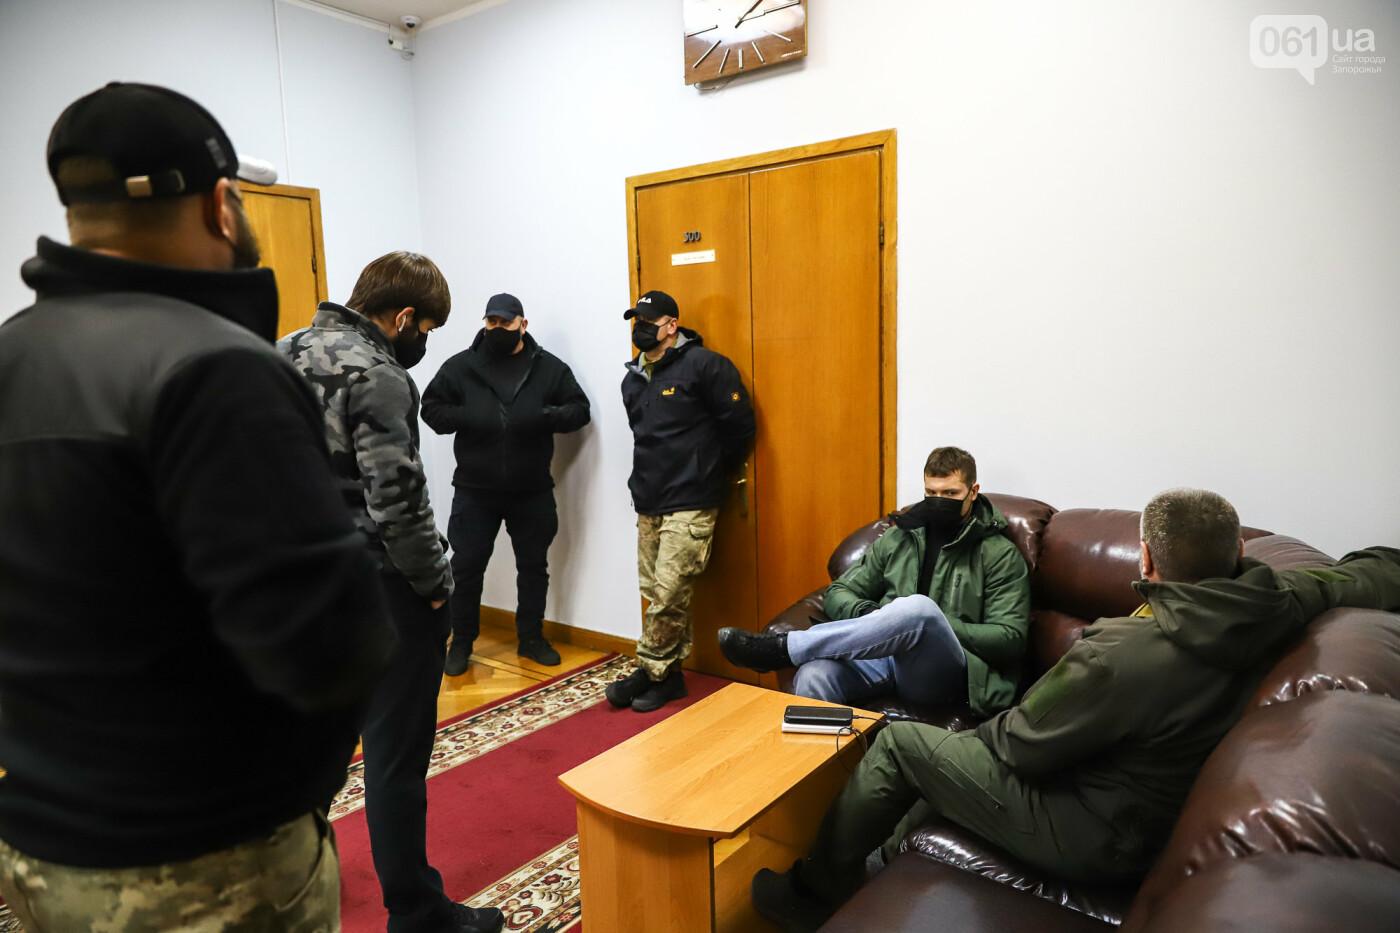 """Тайная """"сессия"""", сотни правоохранителей и стычки с активистами - что происходило в здании Запорожского облсовета, - ФОТО, ВИДЕО , фото-37"""